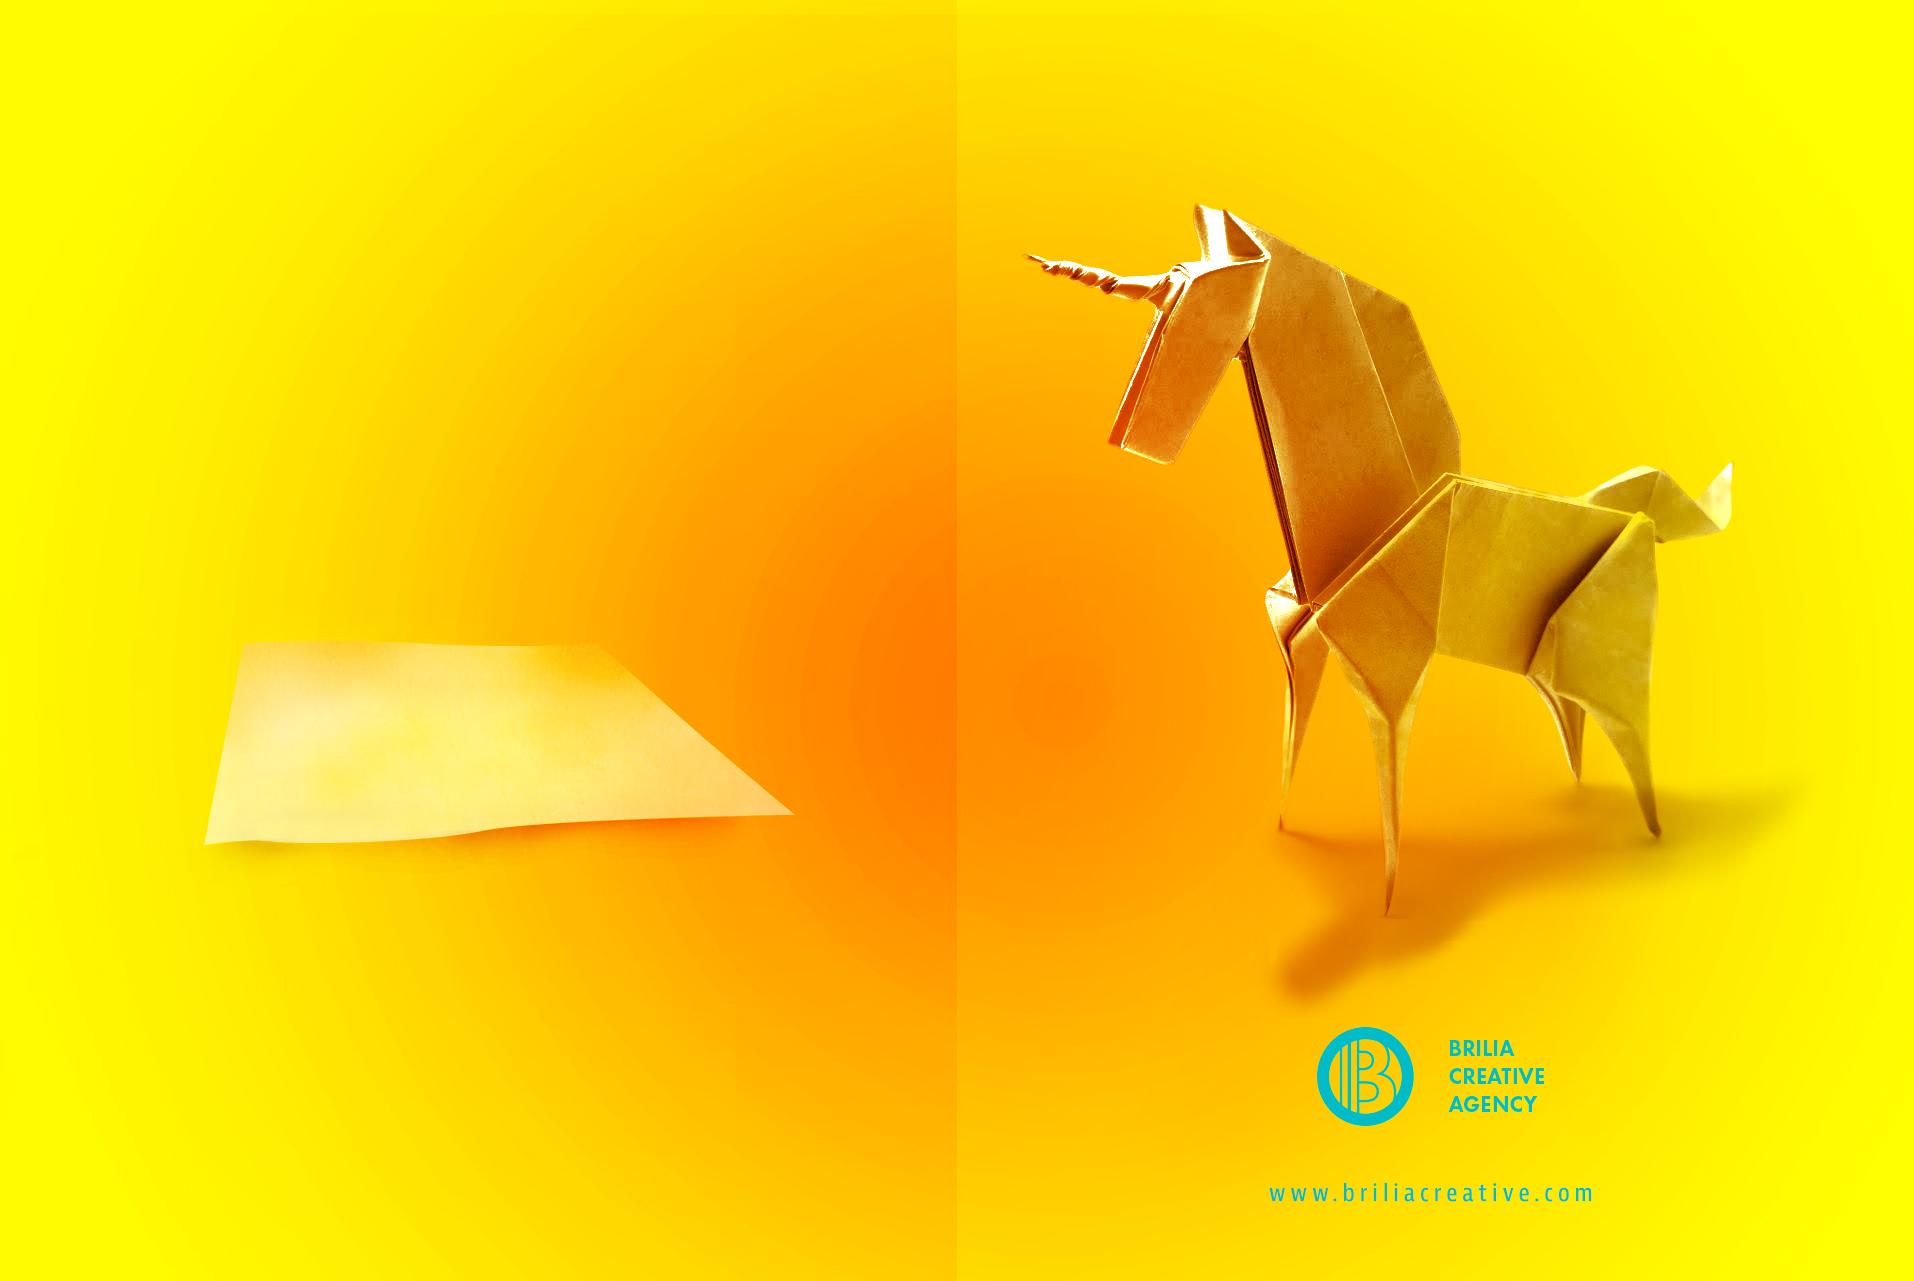 brilia-brand-paper-unicorn